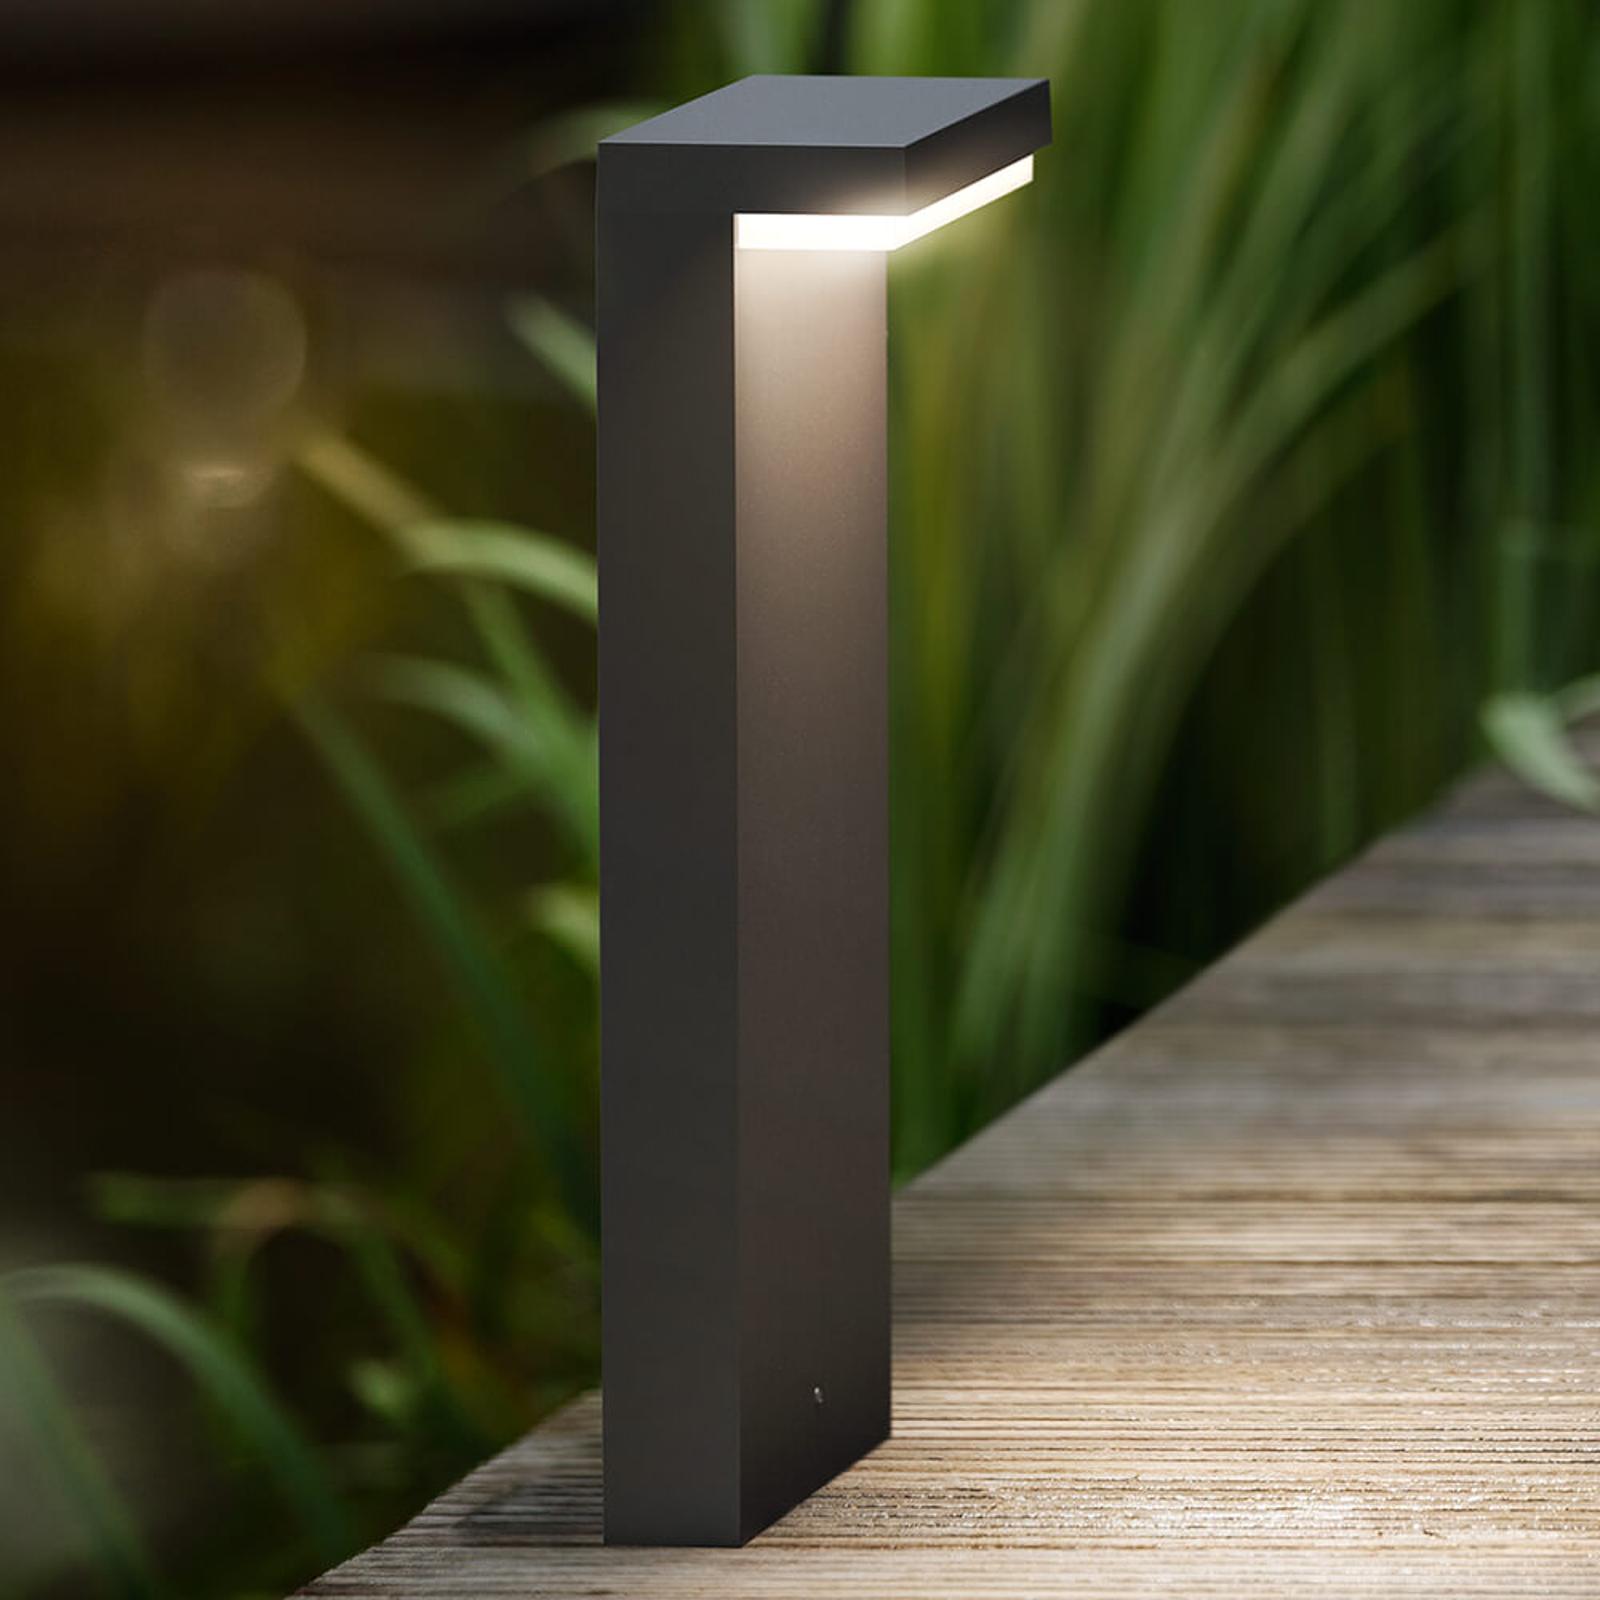 Philips Bustan LED-Sockelleuchte in kantiger Form